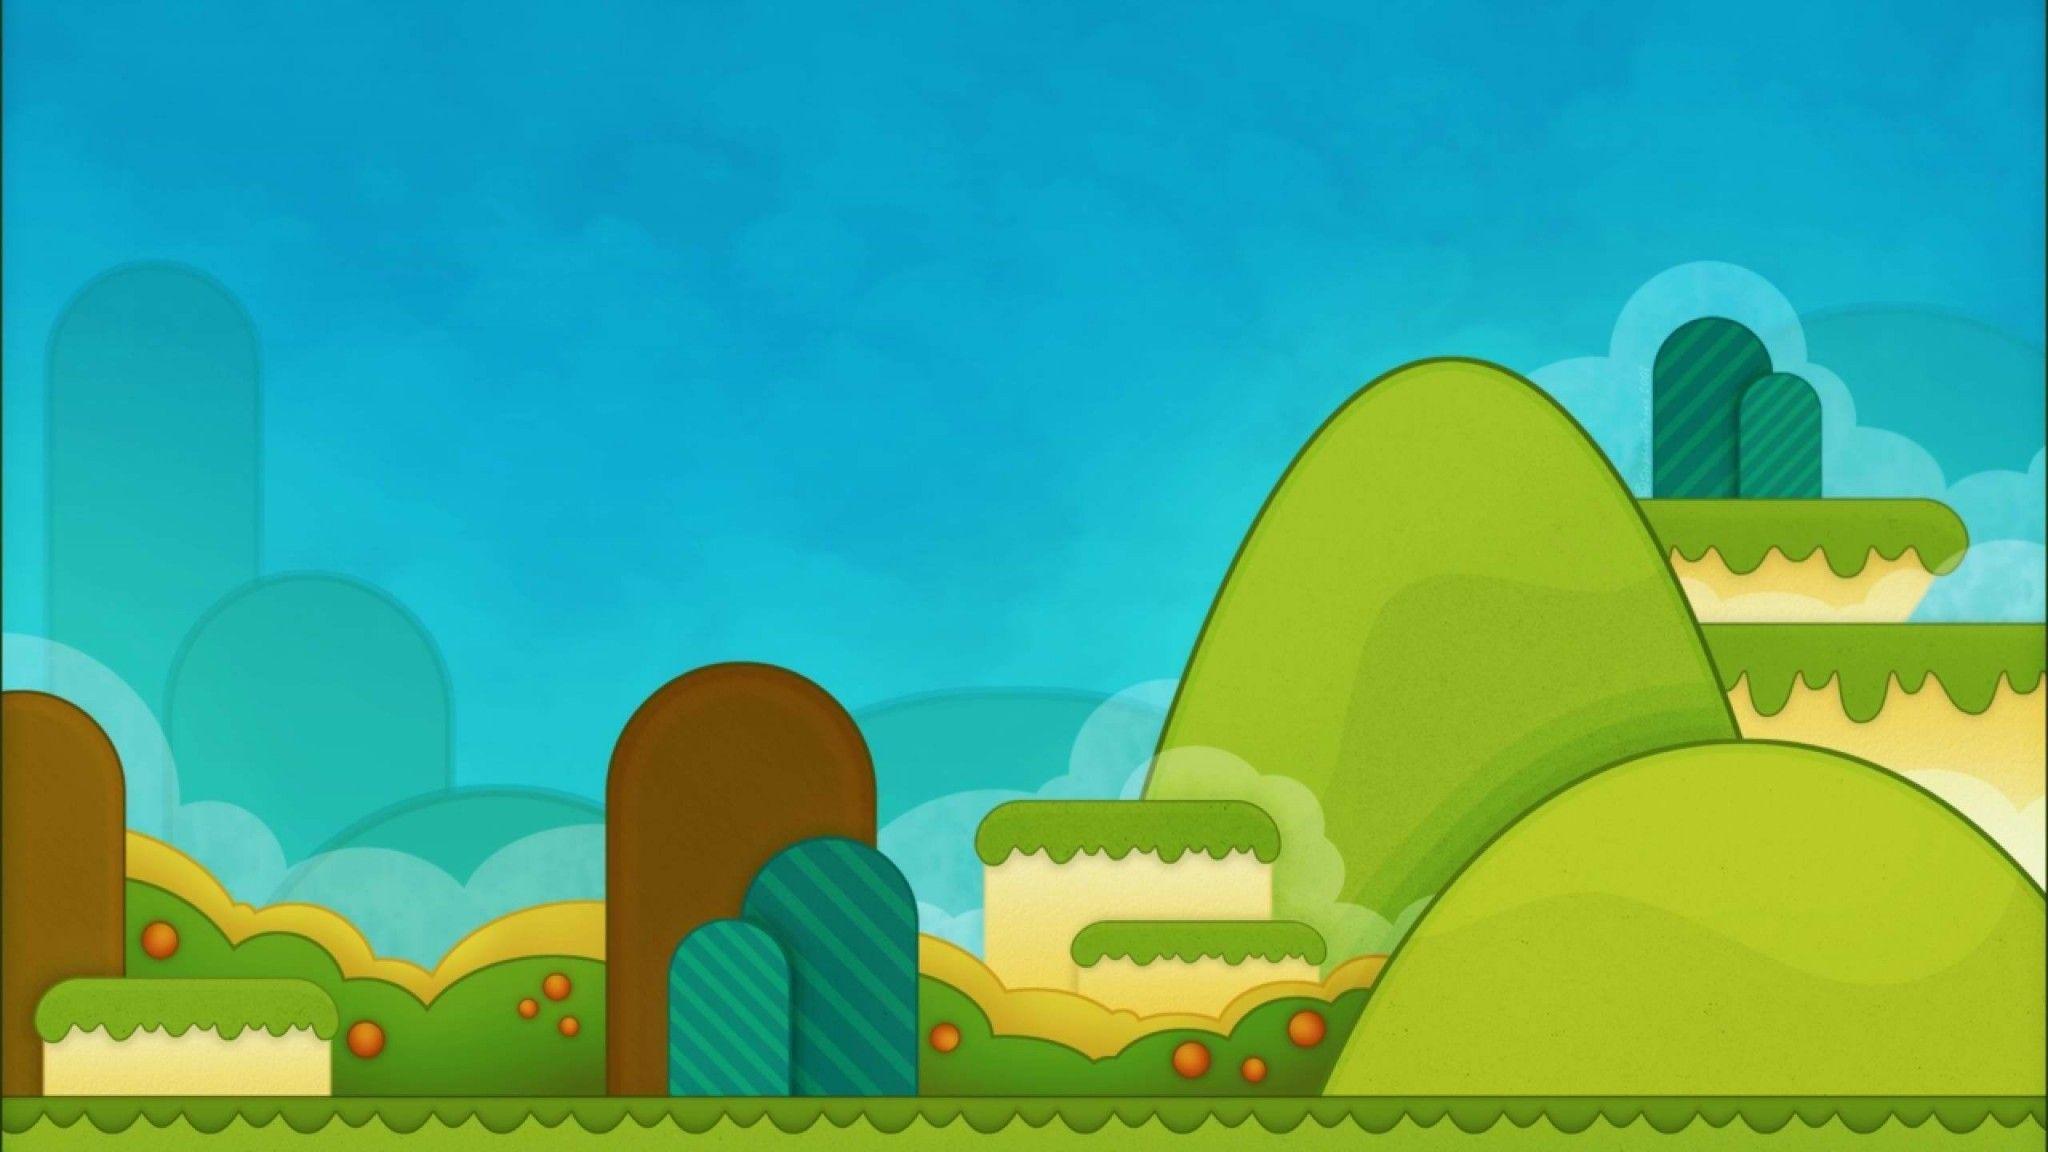 картинка фон для игры самодельной